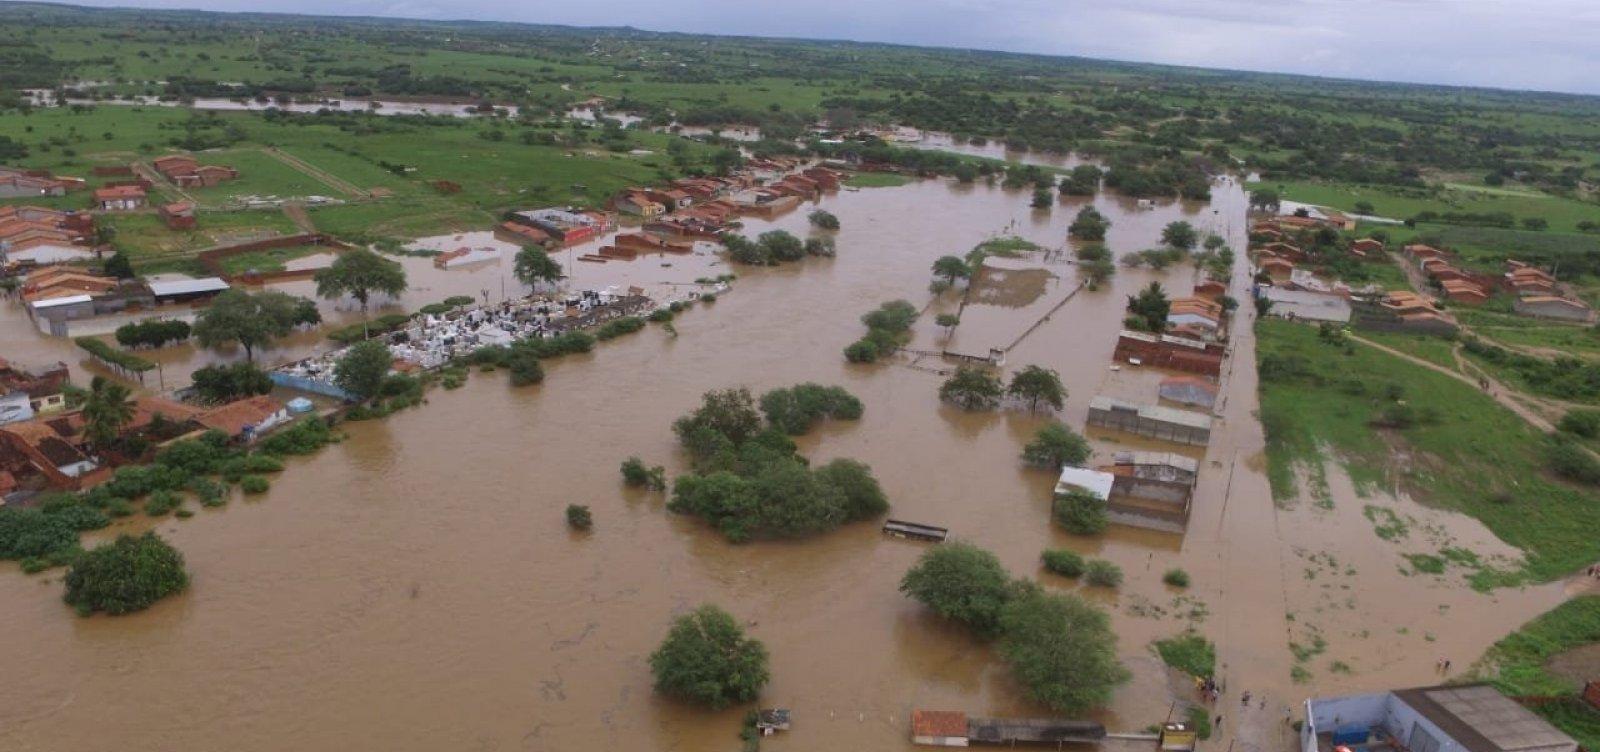 [Após rompimento de barragem, casas em Coronel João Sá são evacuadas]